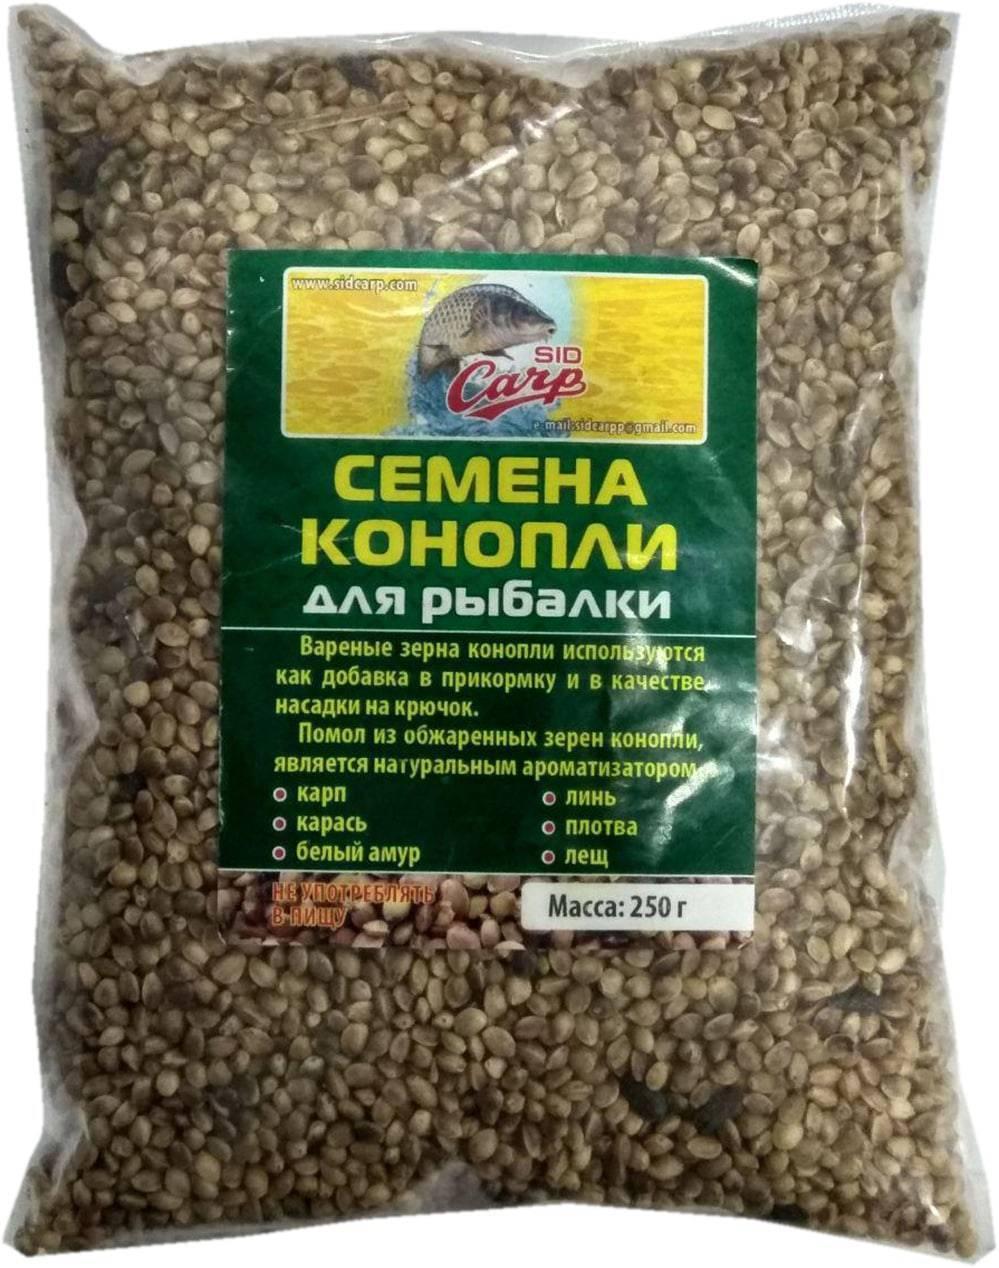 Семена конопли: 120 фото как сделать наживку и прикормку своими руками